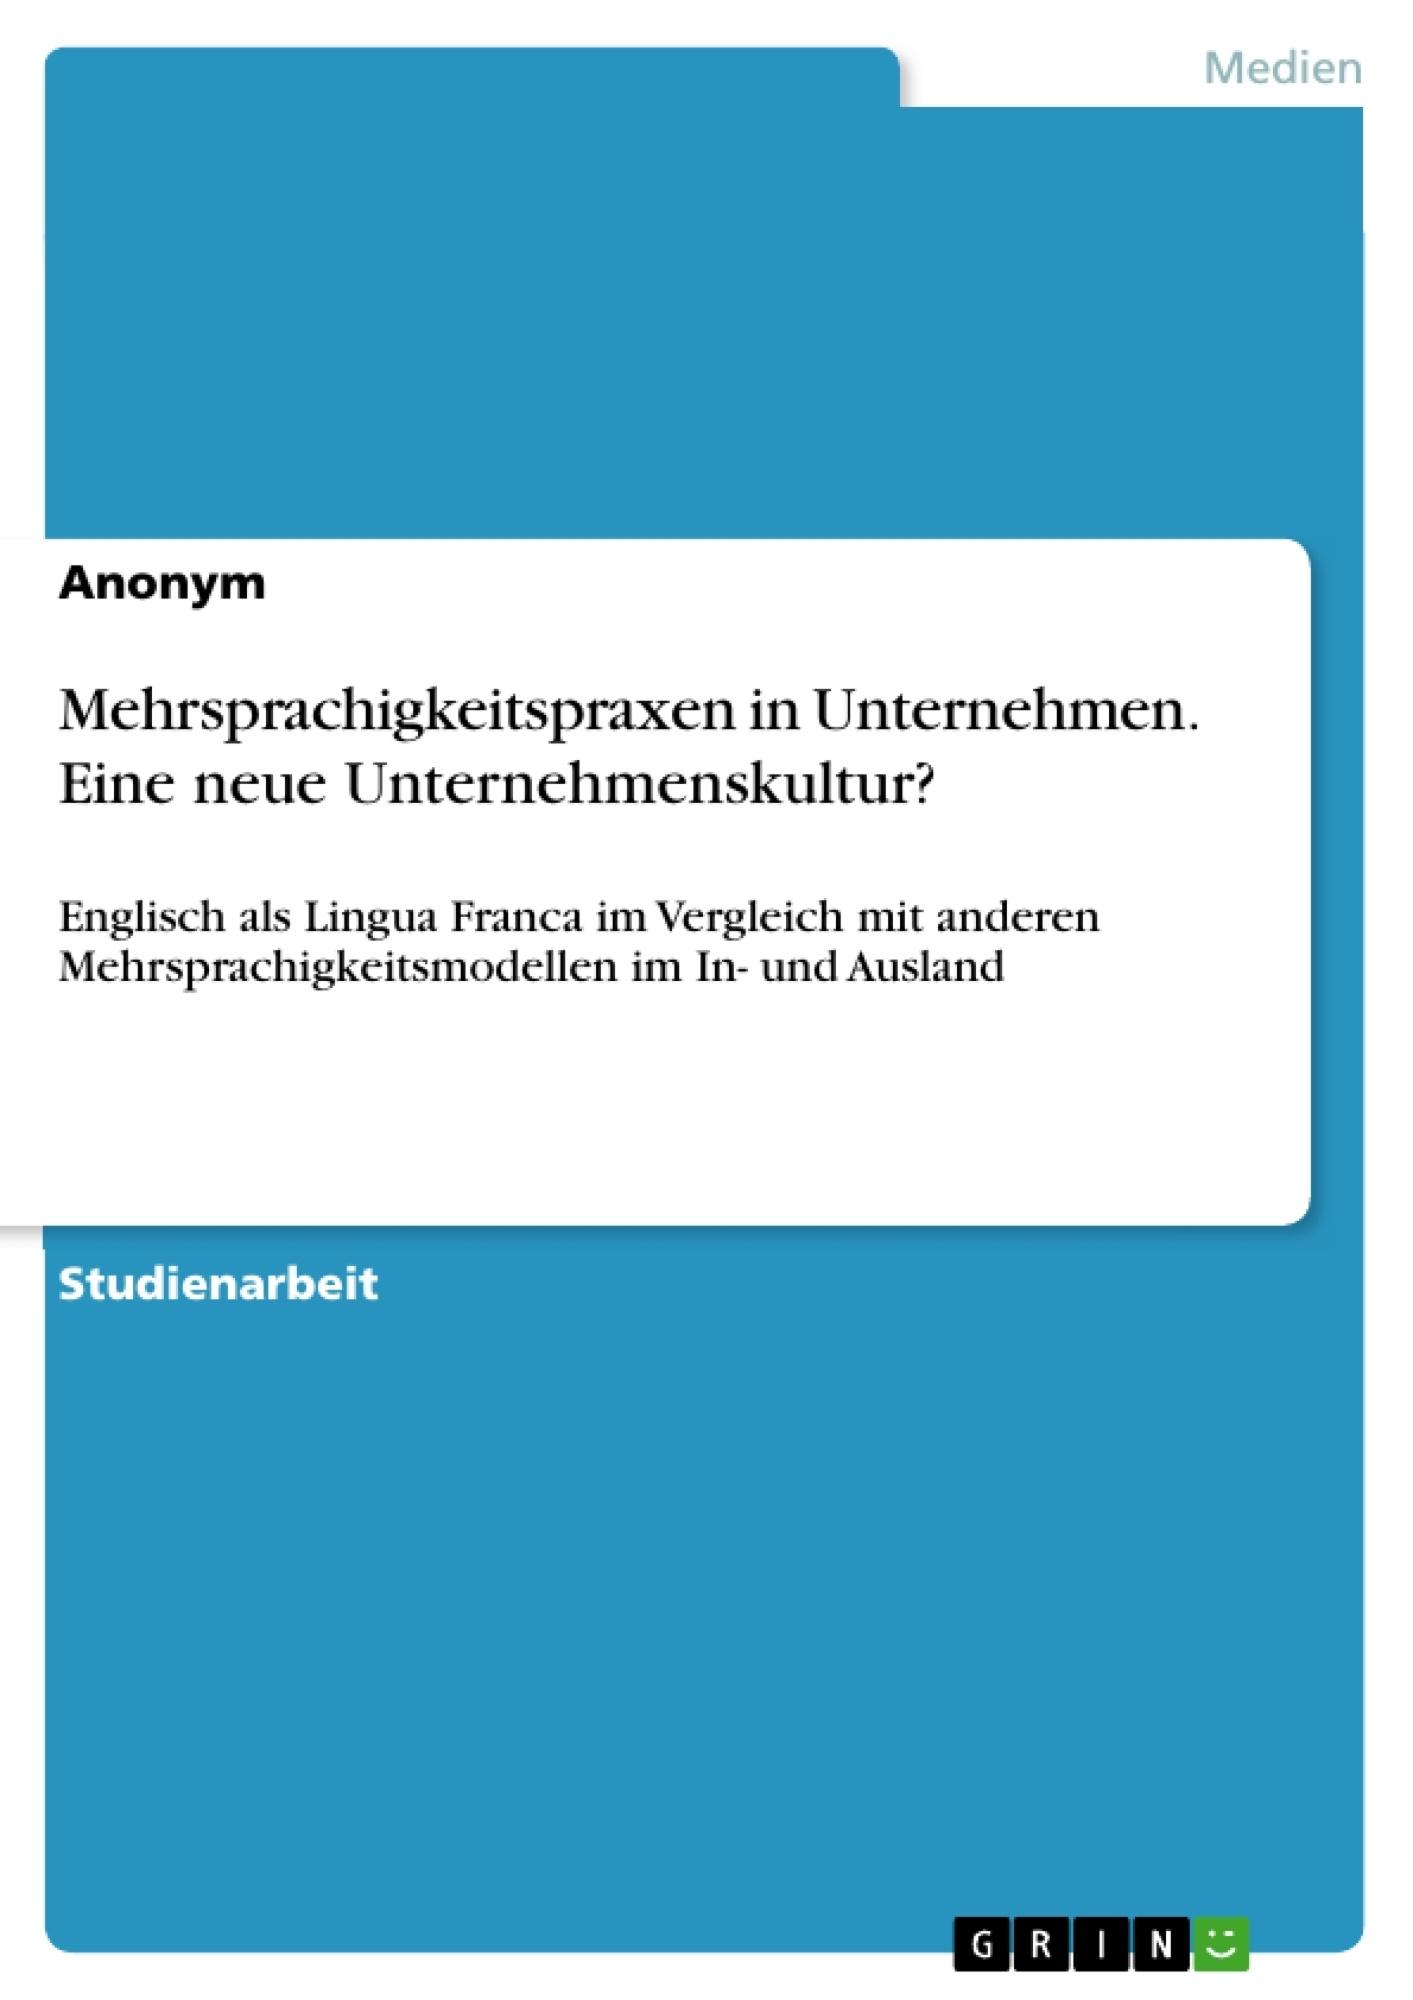 Titel: Mehrsprachigkeitspraxen in Unternehmen. Eine neue Unternehmenskultur?